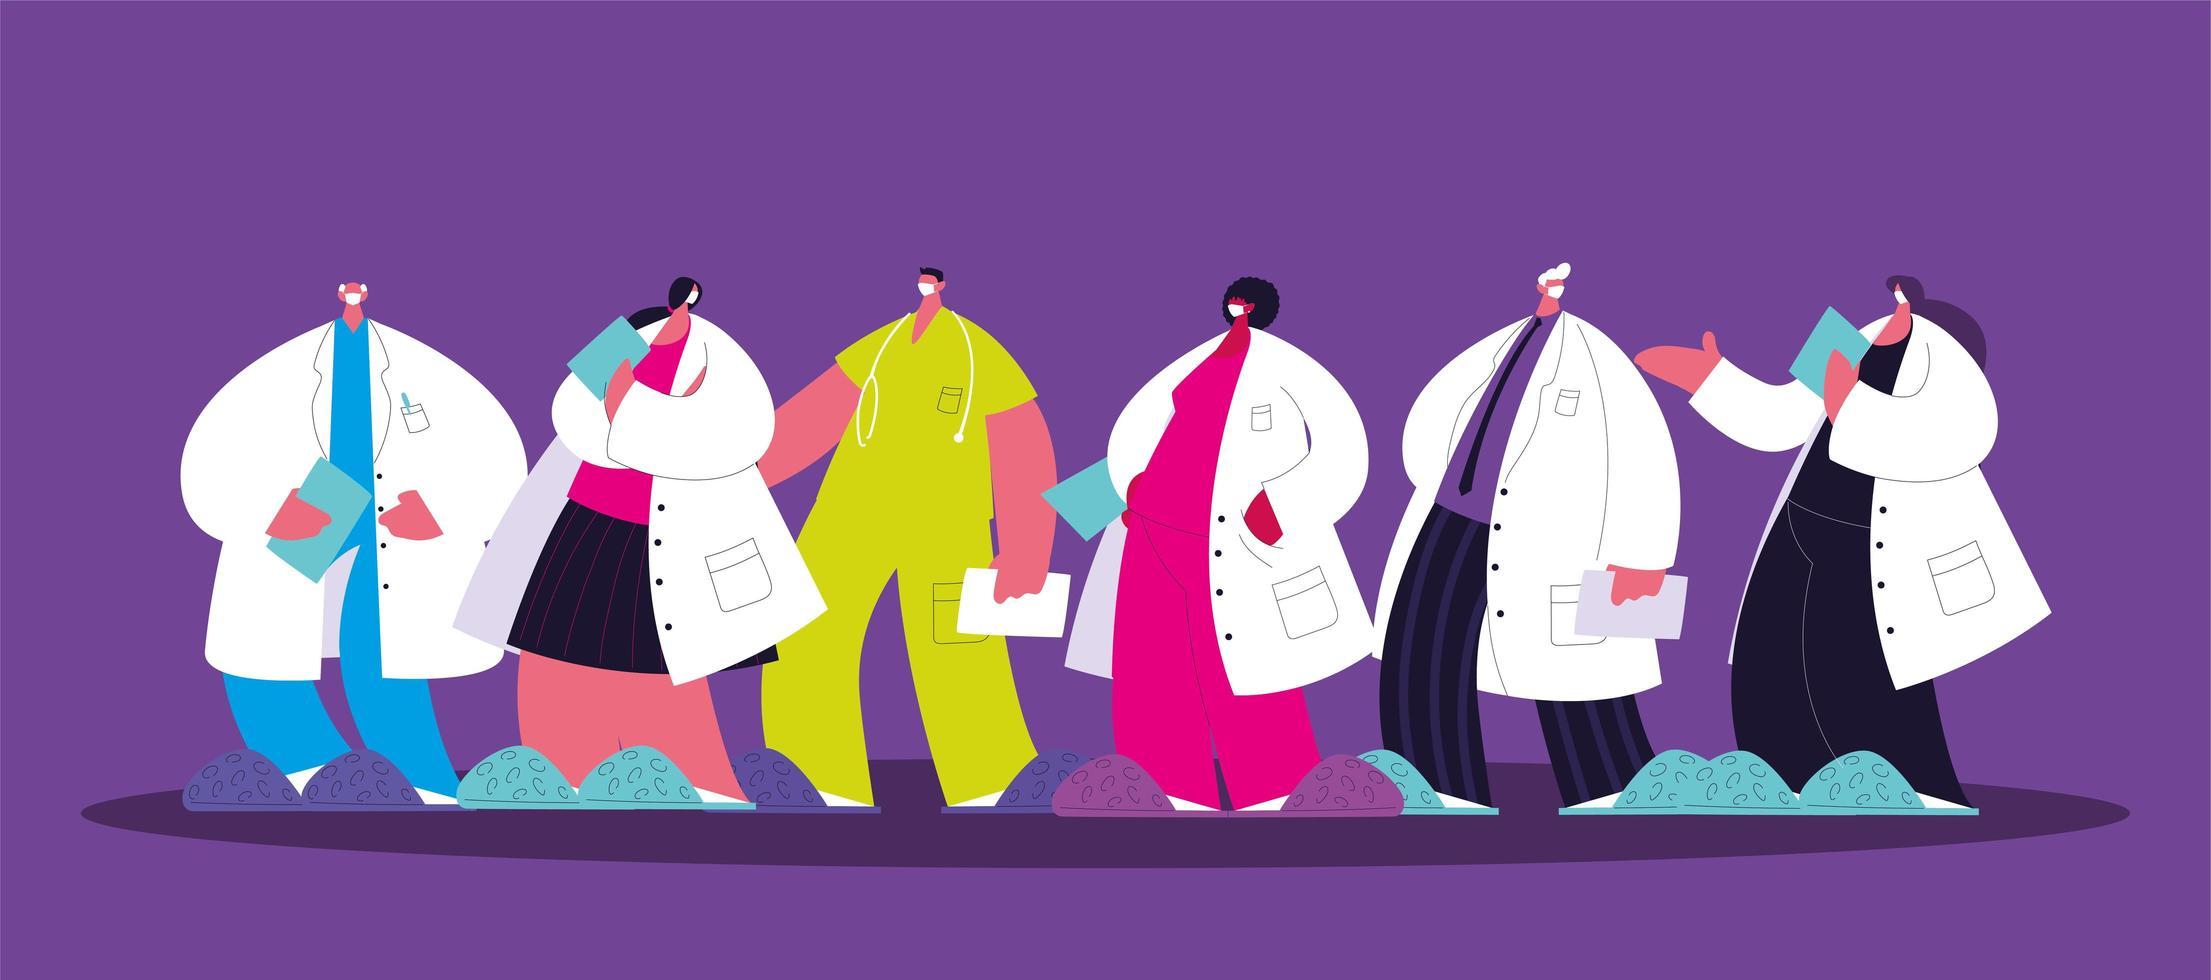 grupp läkare. personal och medicinskt team vektor